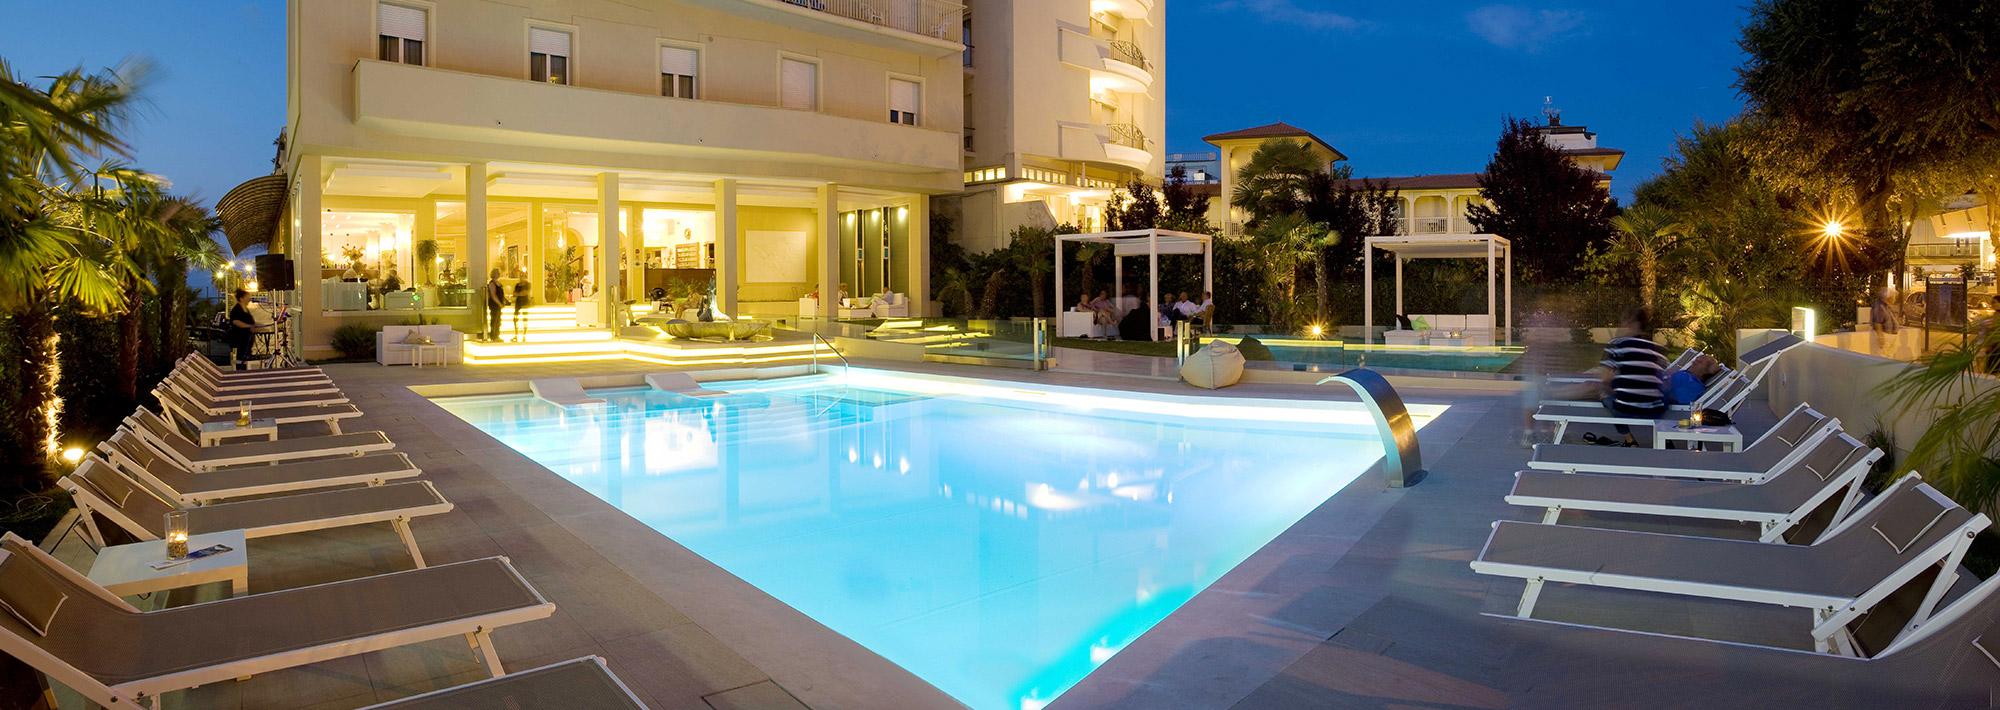 Hotel All Inclusive Italie Bord De Mer